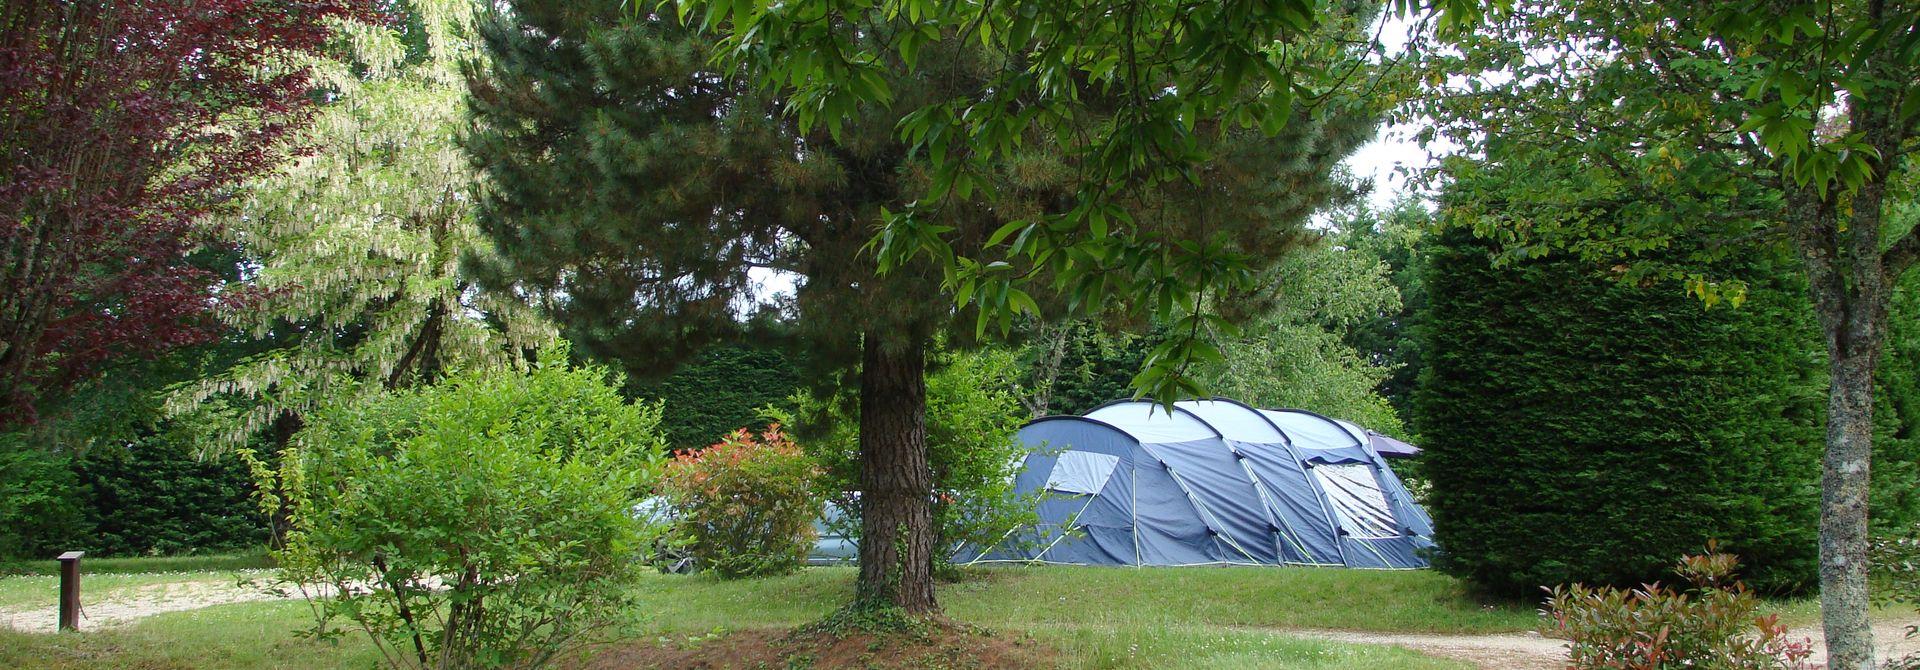 Petit camping nature dans le Lot - Camping Le Rêve - Parc arboré